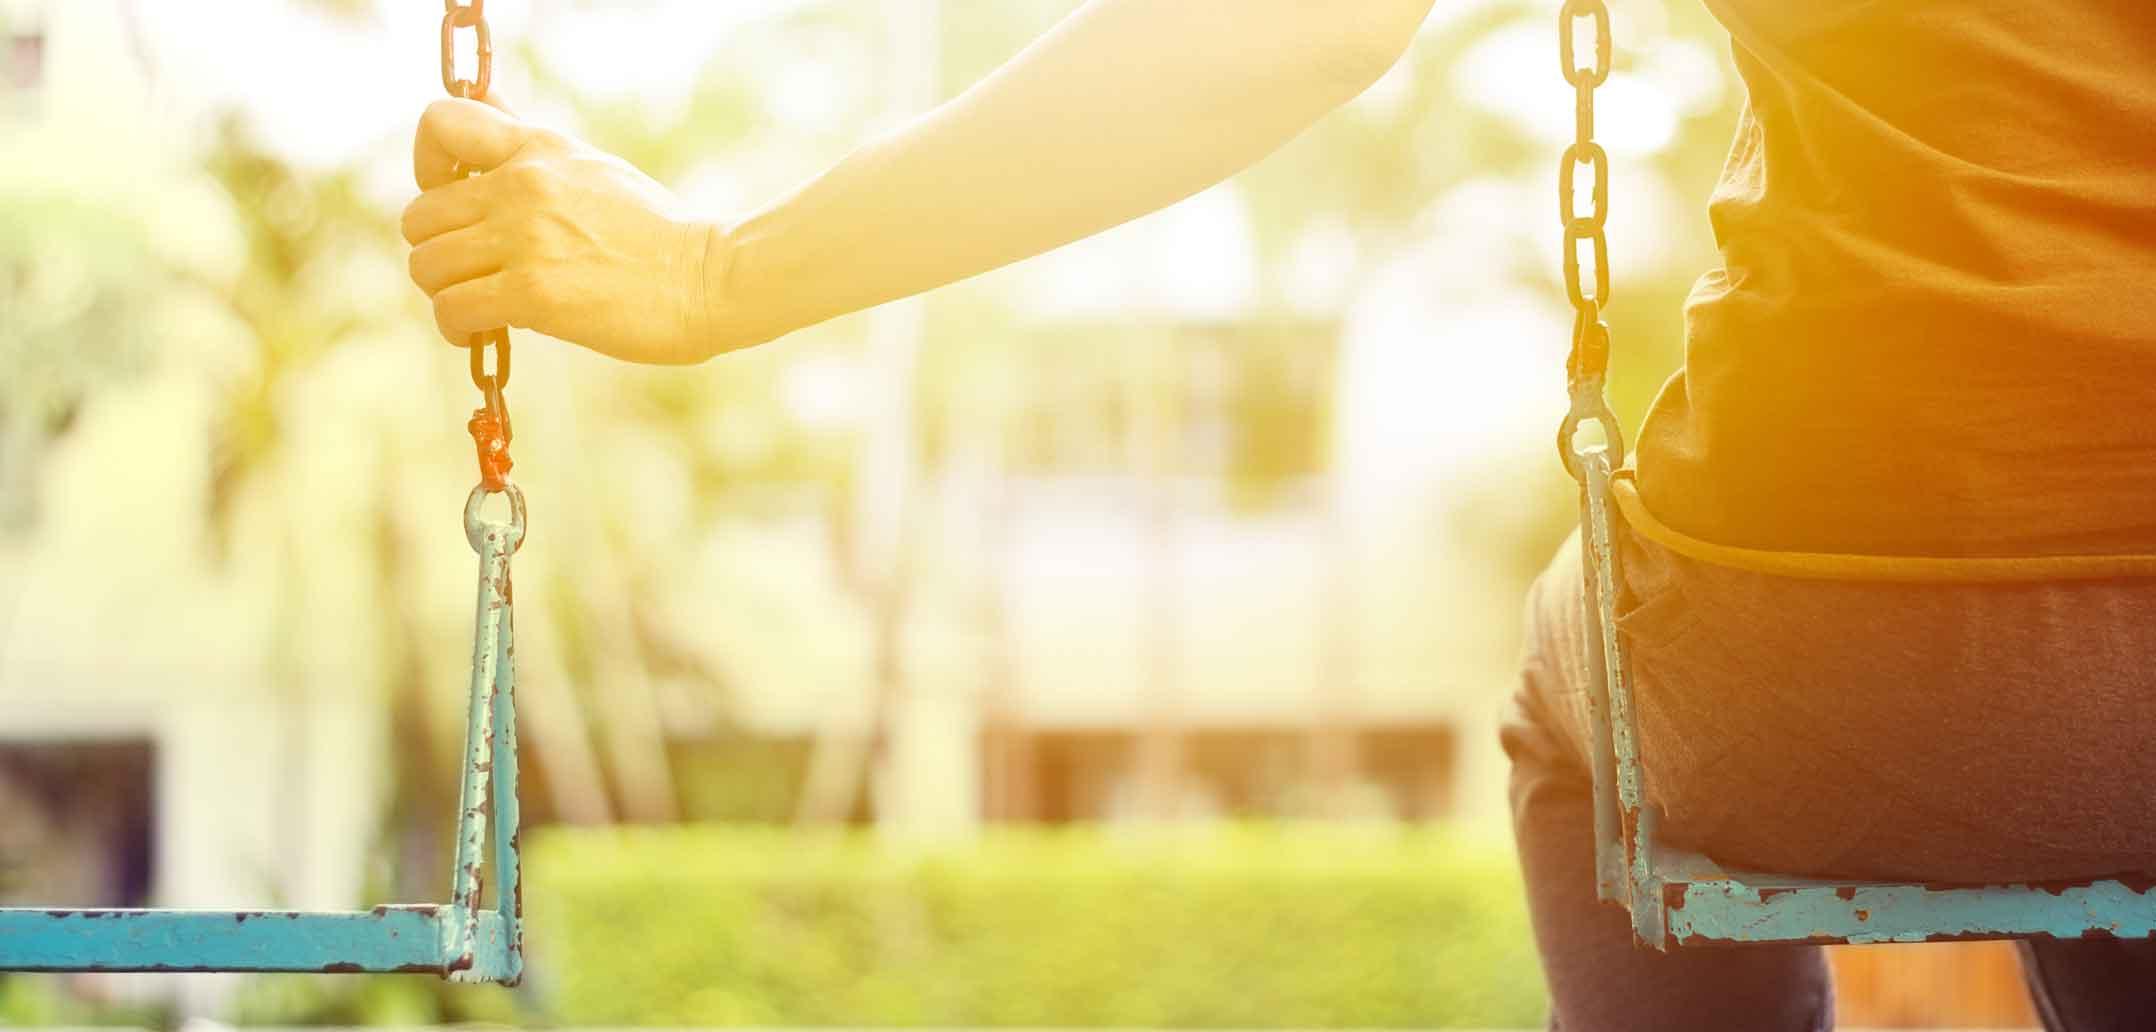 Warum sollte man sich für den Partner ändern?